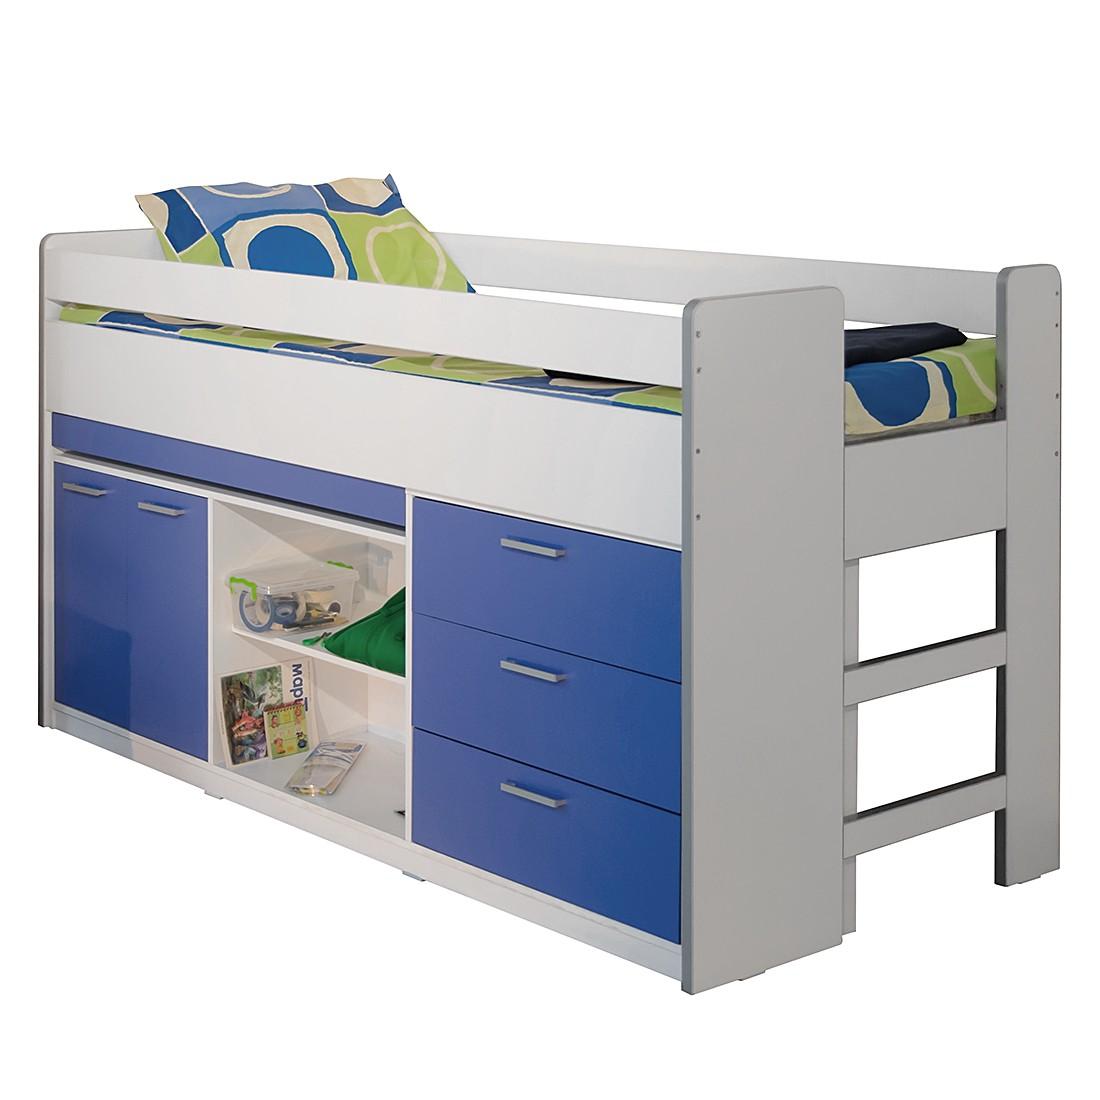 hochbett bonny wei blau relita g nstig kaufen. Black Bedroom Furniture Sets. Home Design Ideas